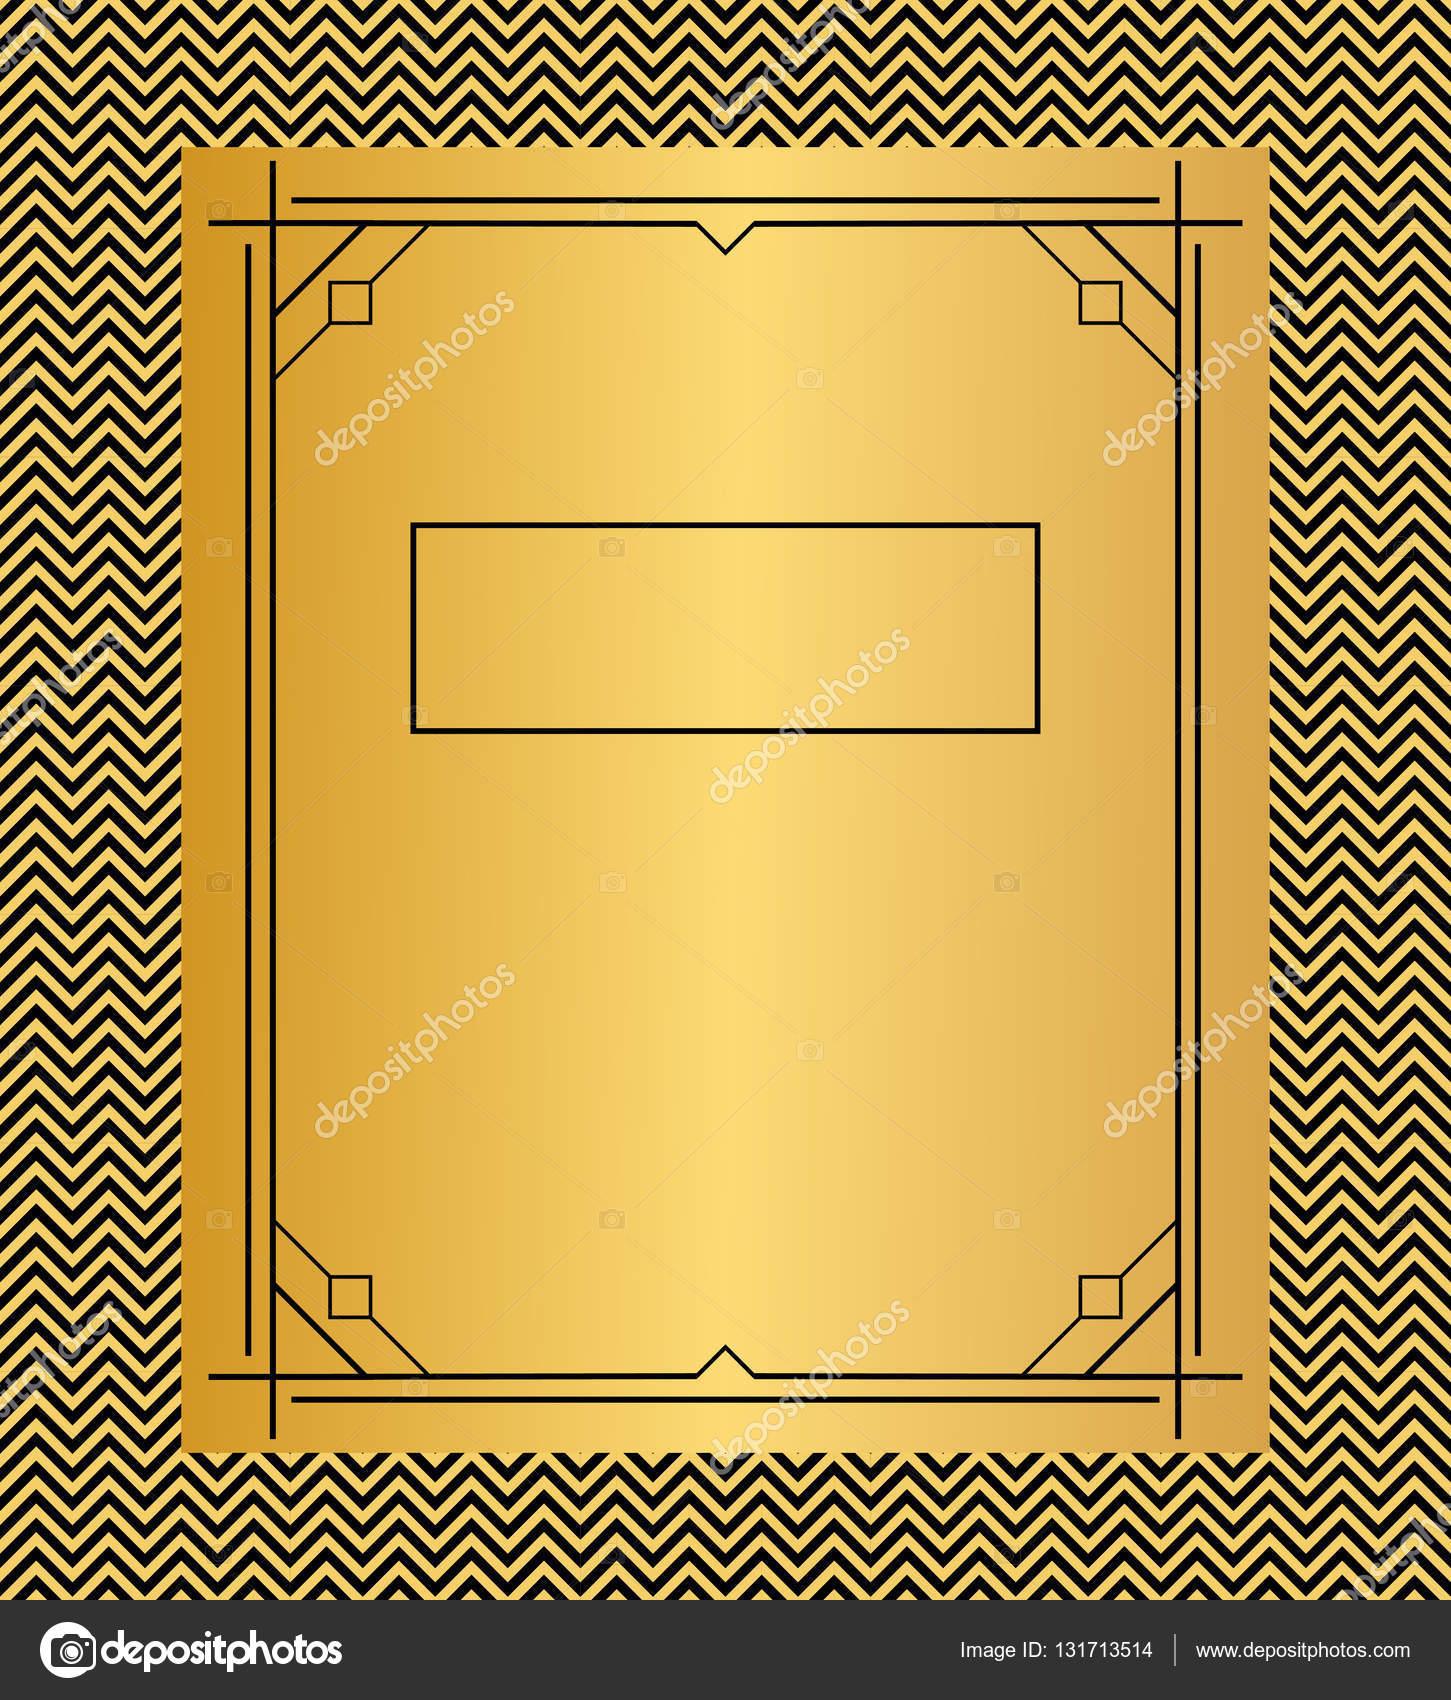 Vektor-Illustration von Frames, Karten Einladung Vorlagen in der ...